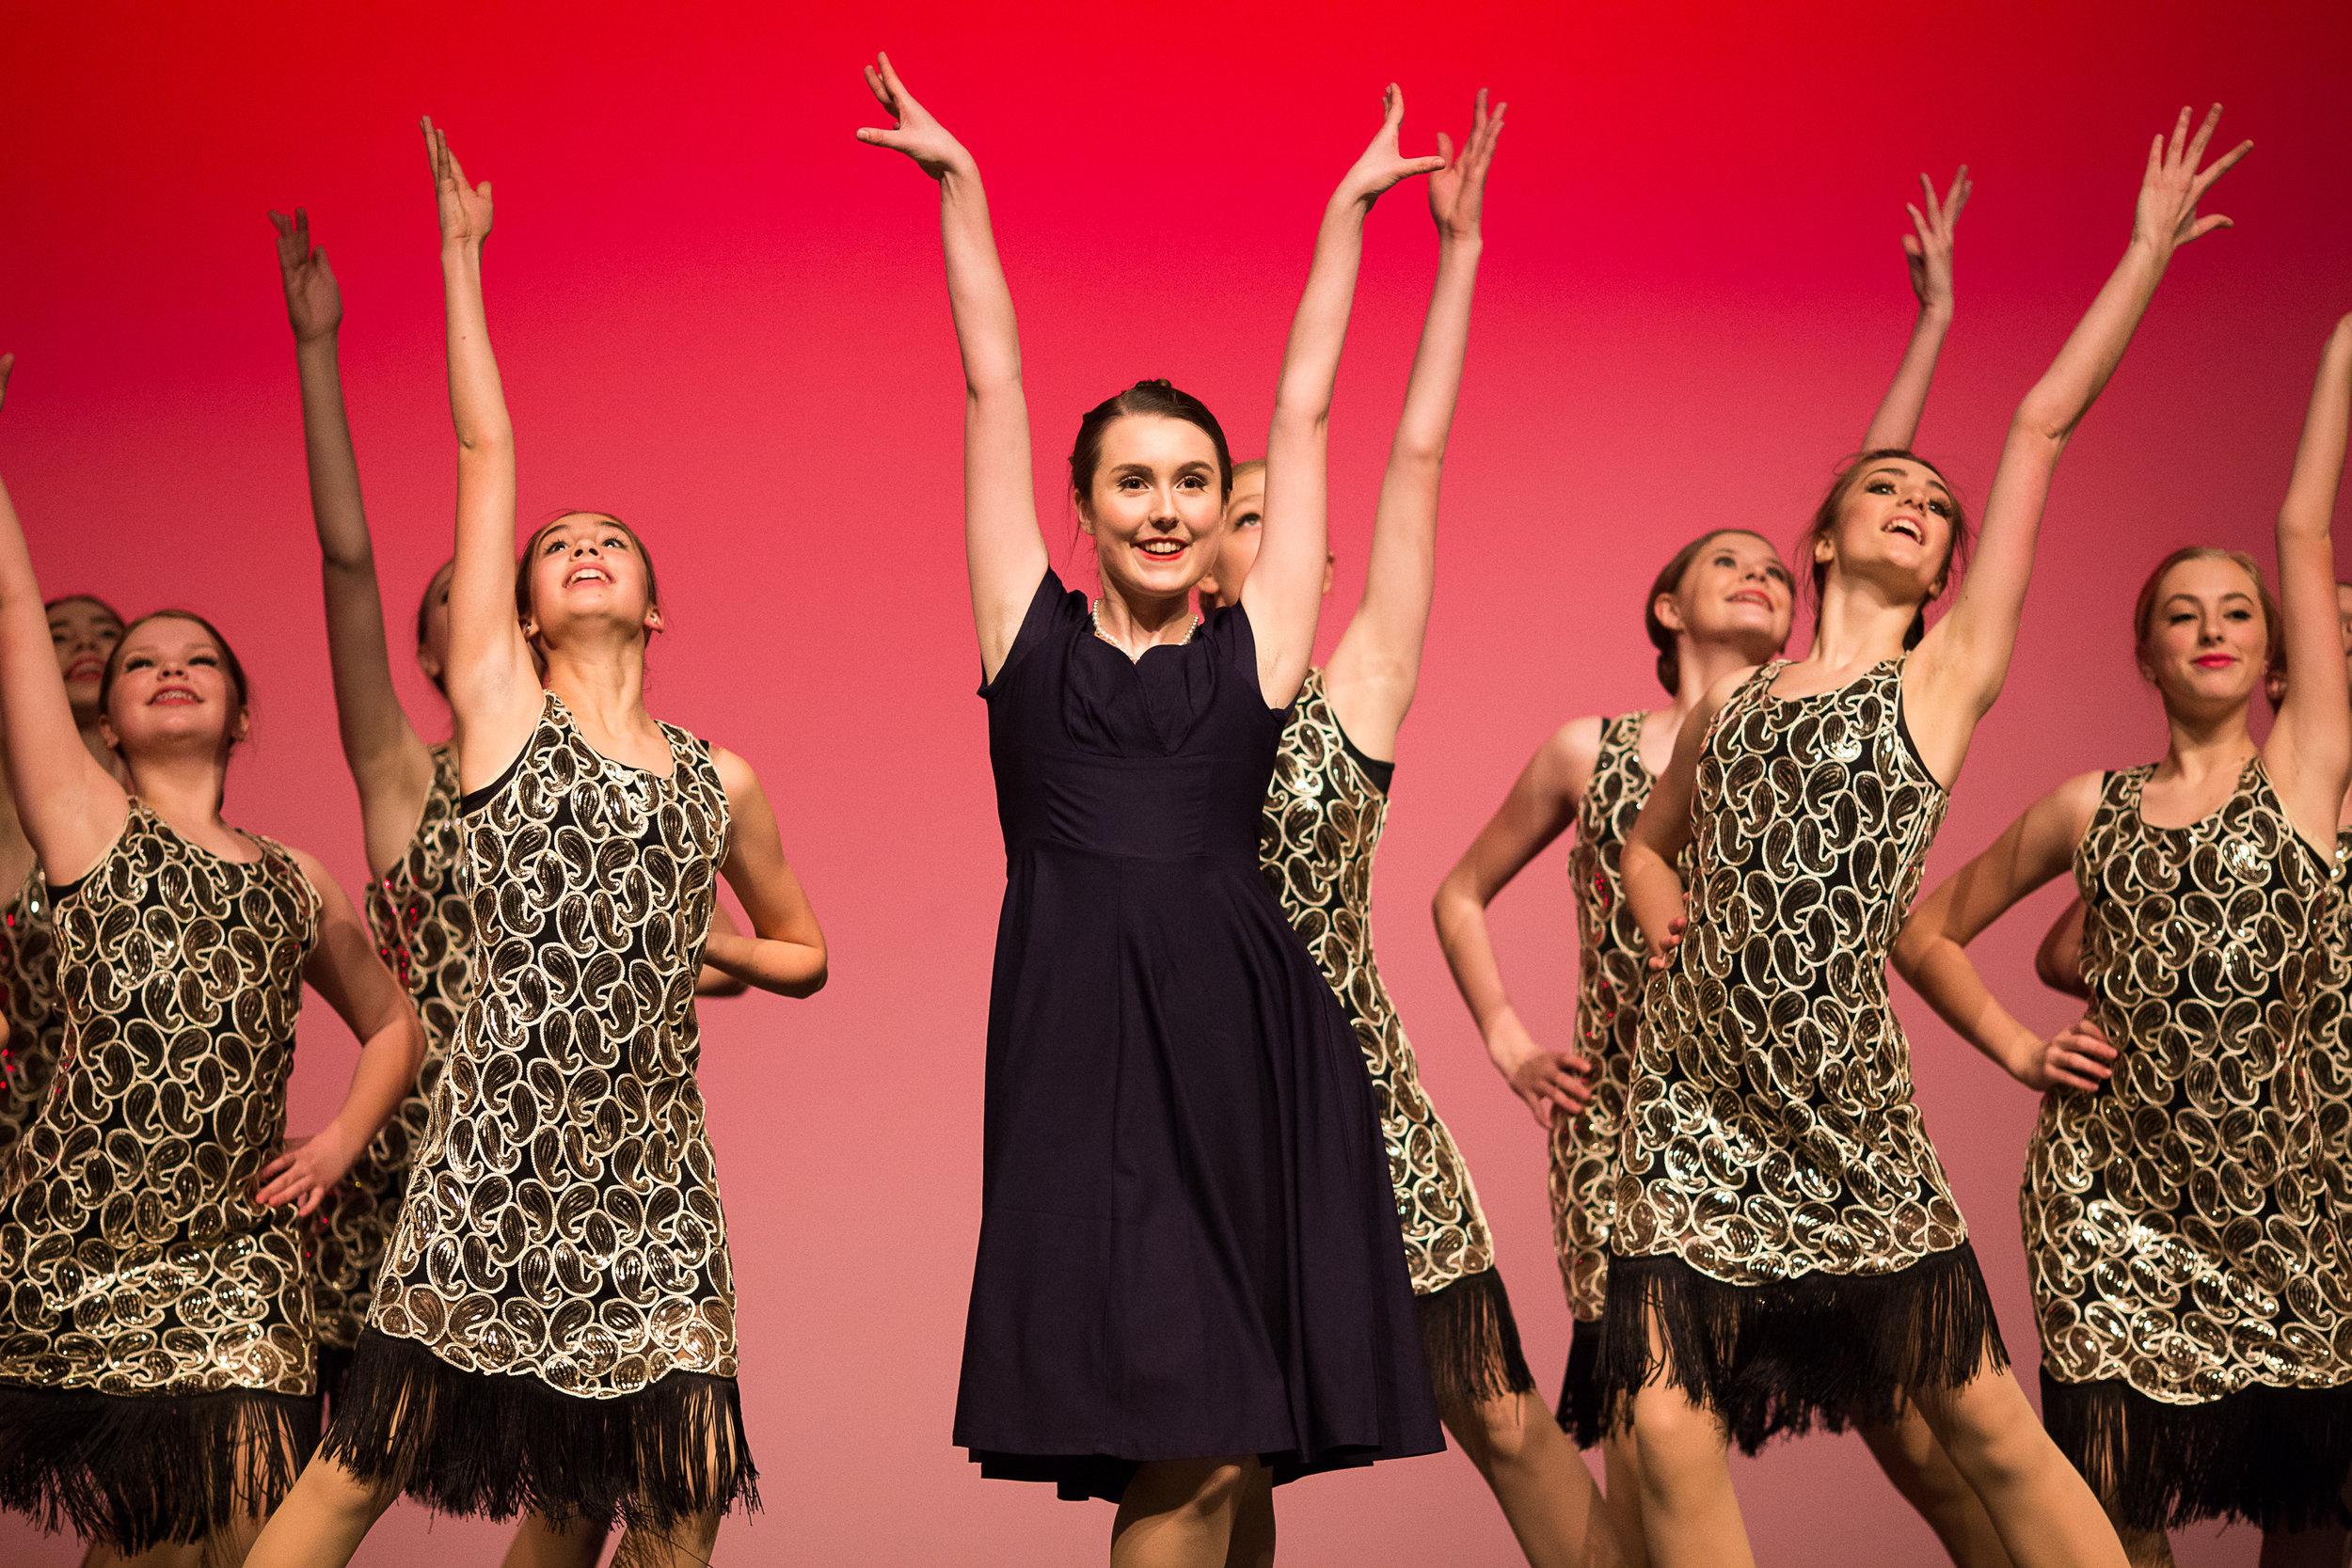 dancing-through-the-decades-6.jpg